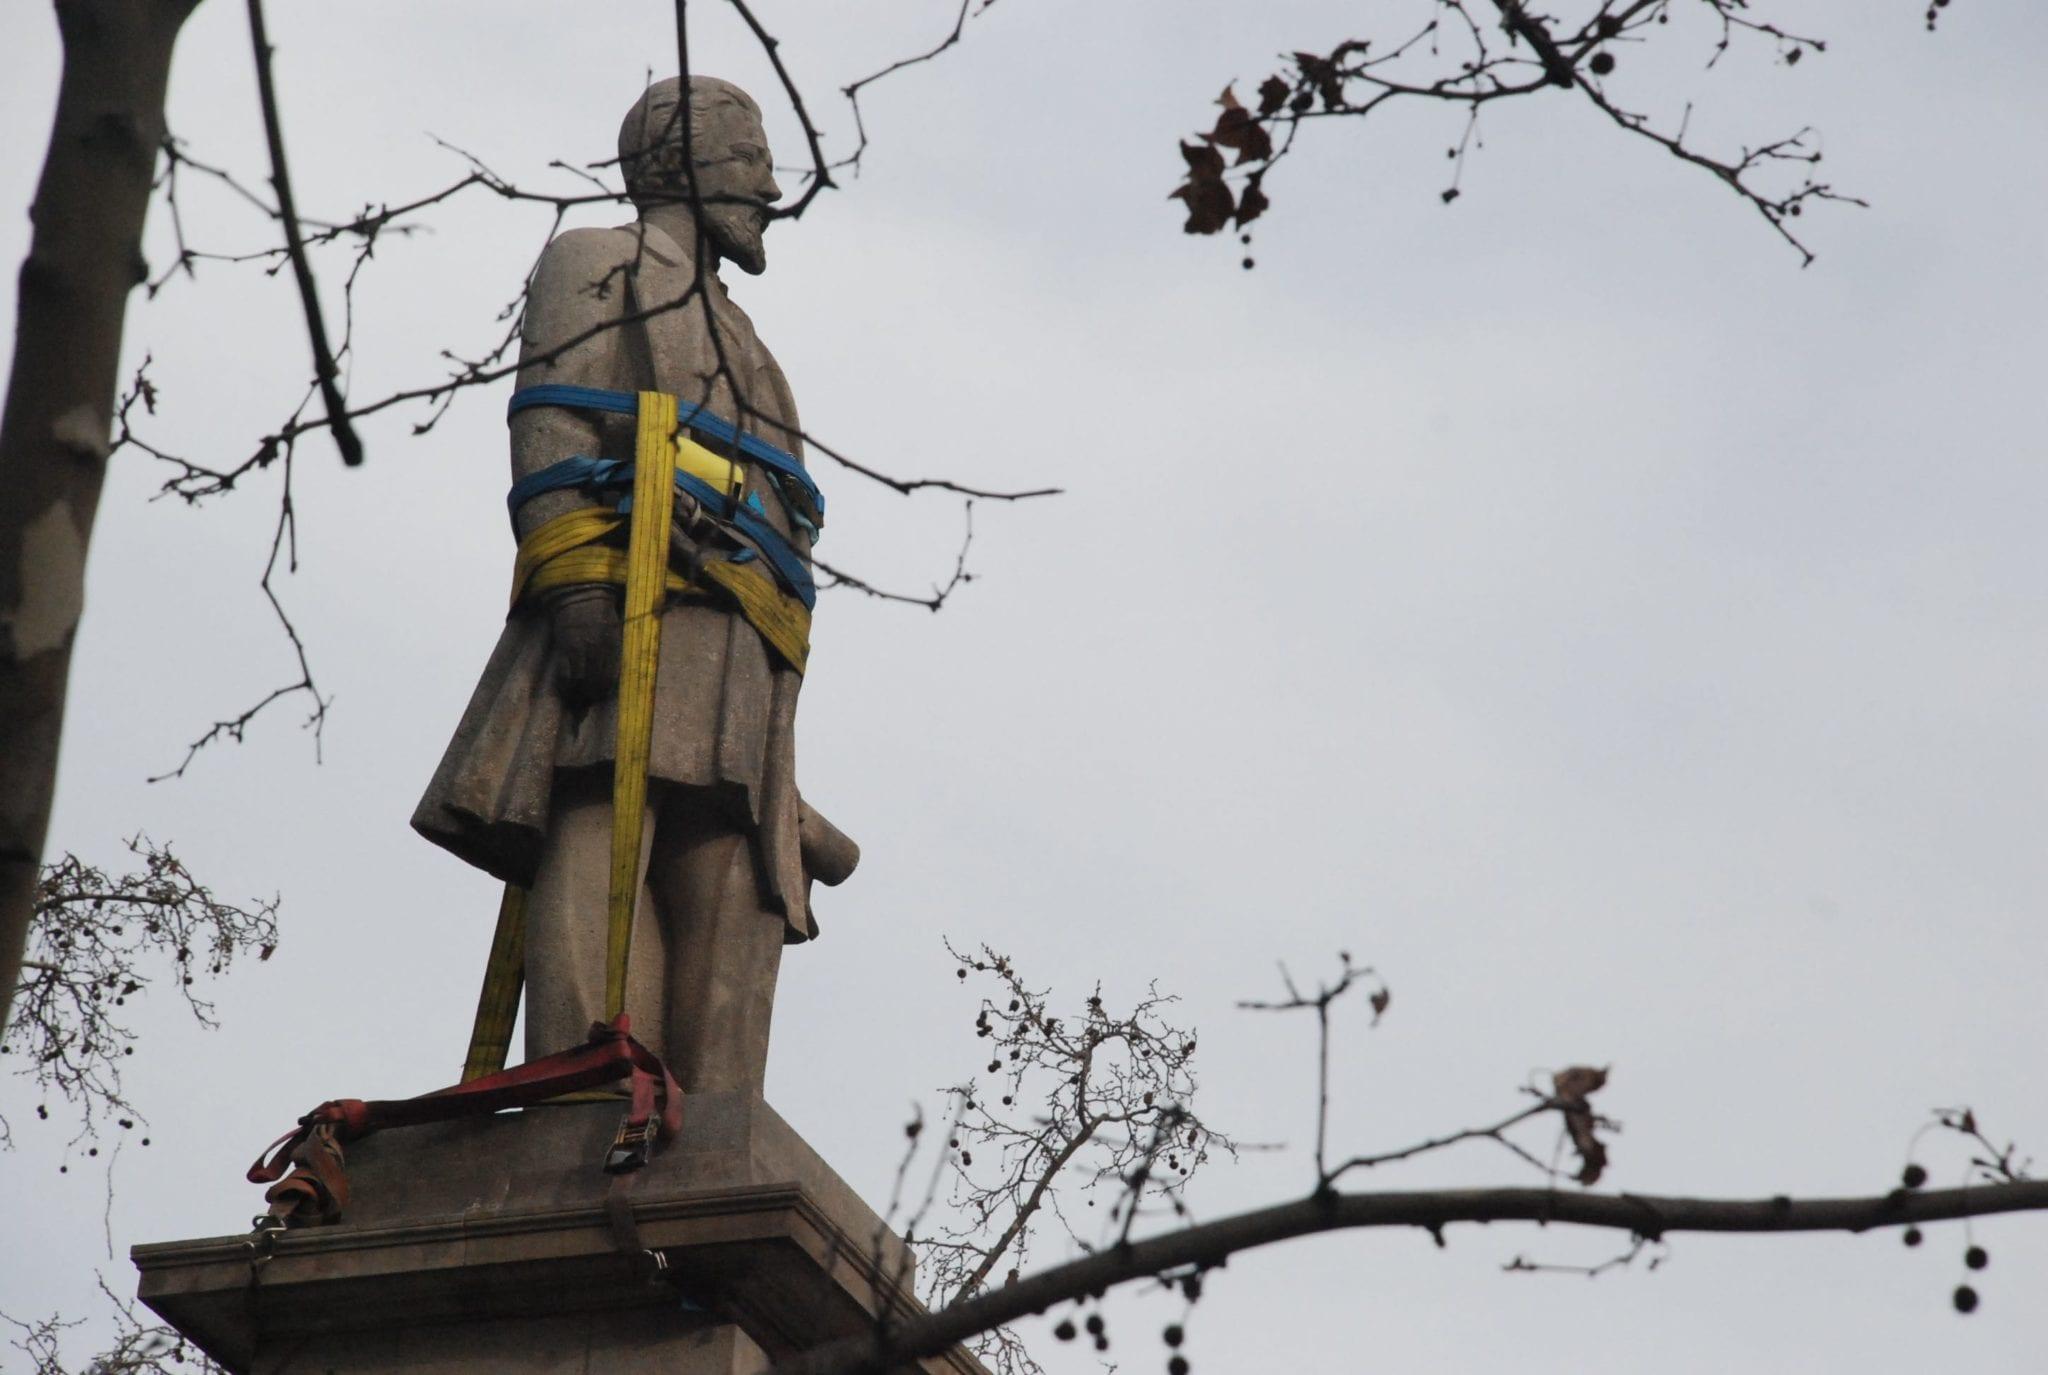 Listo para ser bajado del pedestal. Foto: Aymara Arreaza R.